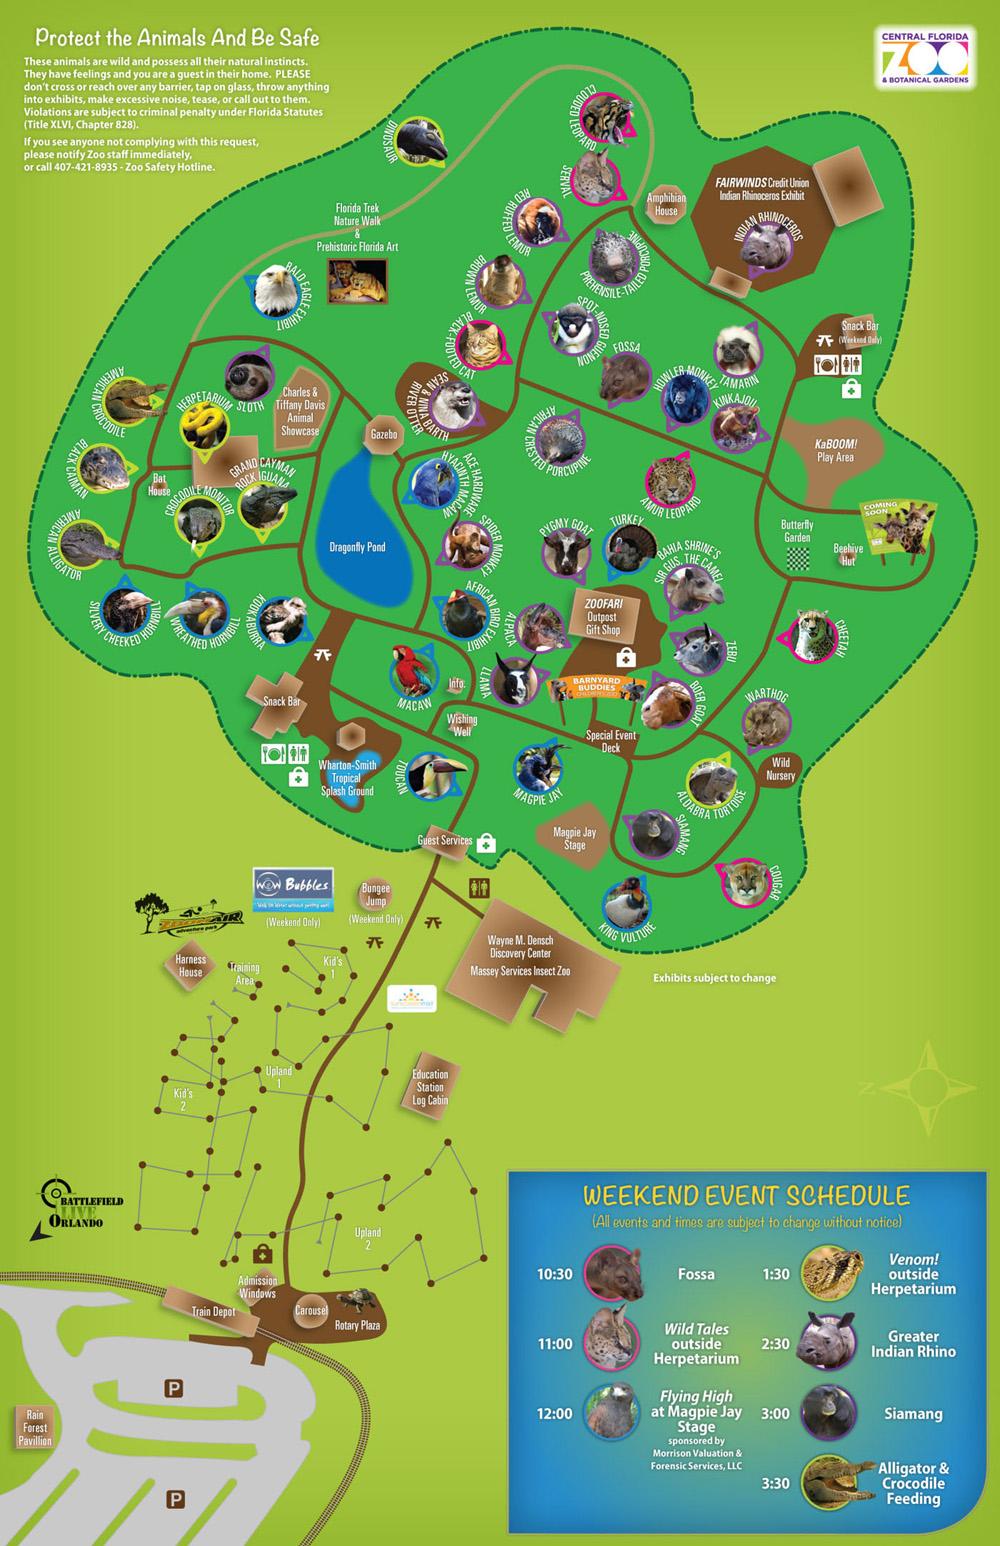 Les Zoos Dans Le Monde - Central Florida Zoo And Botanical Gardens - Central Florida Zoo Map